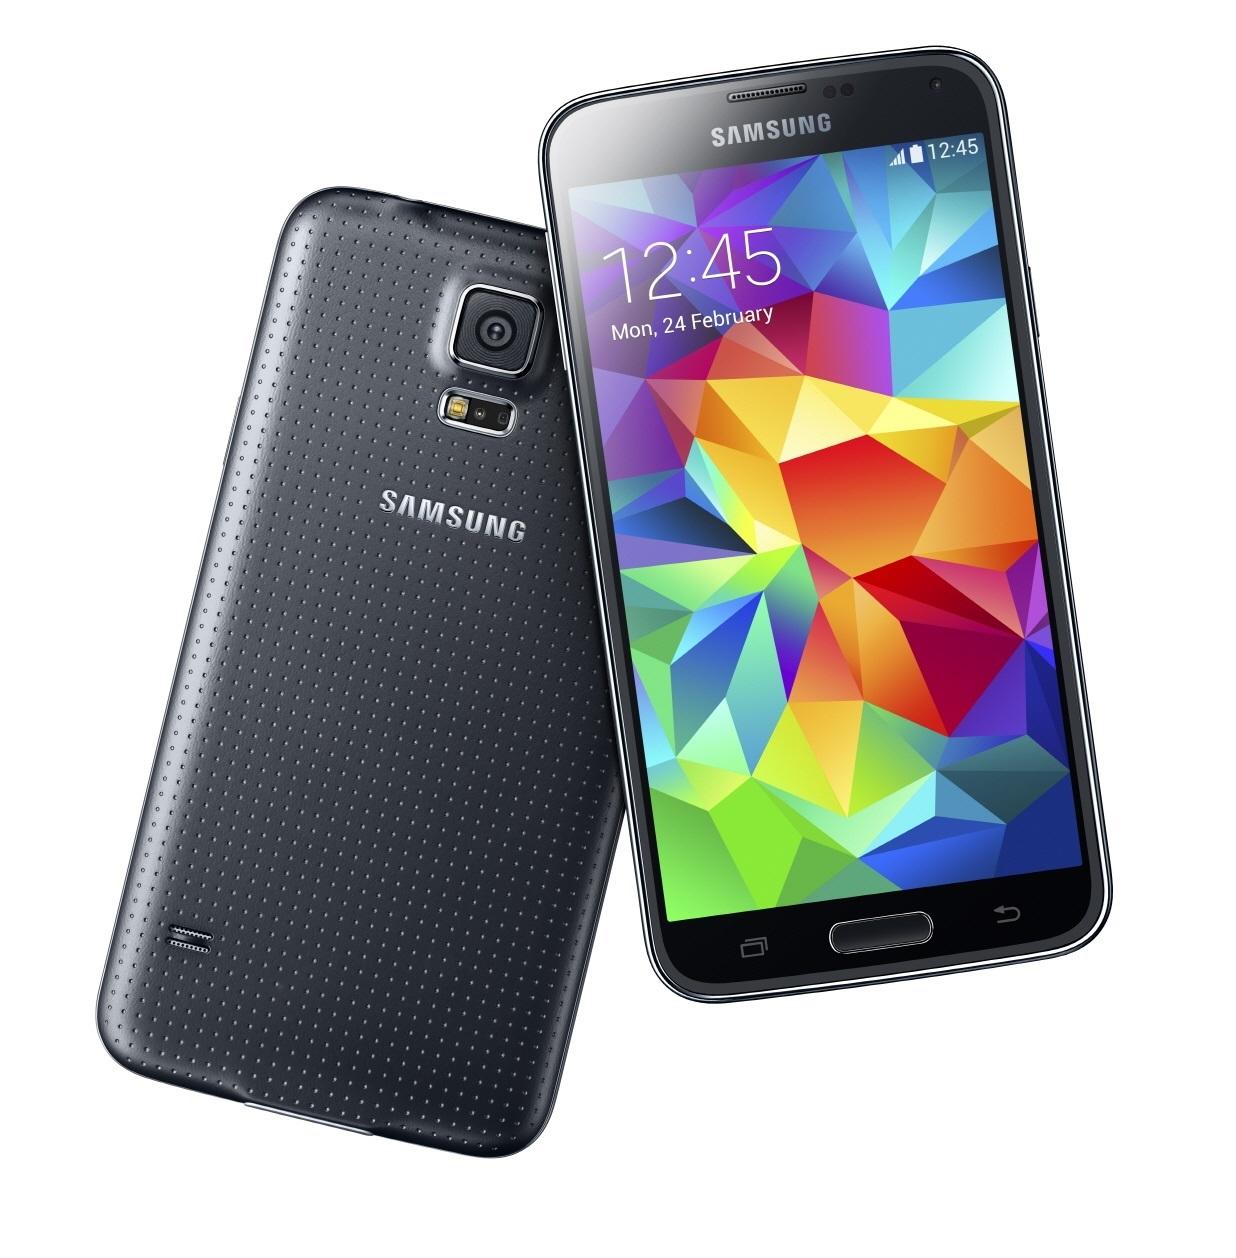 Samsung%20galaxy%20s5%20ok